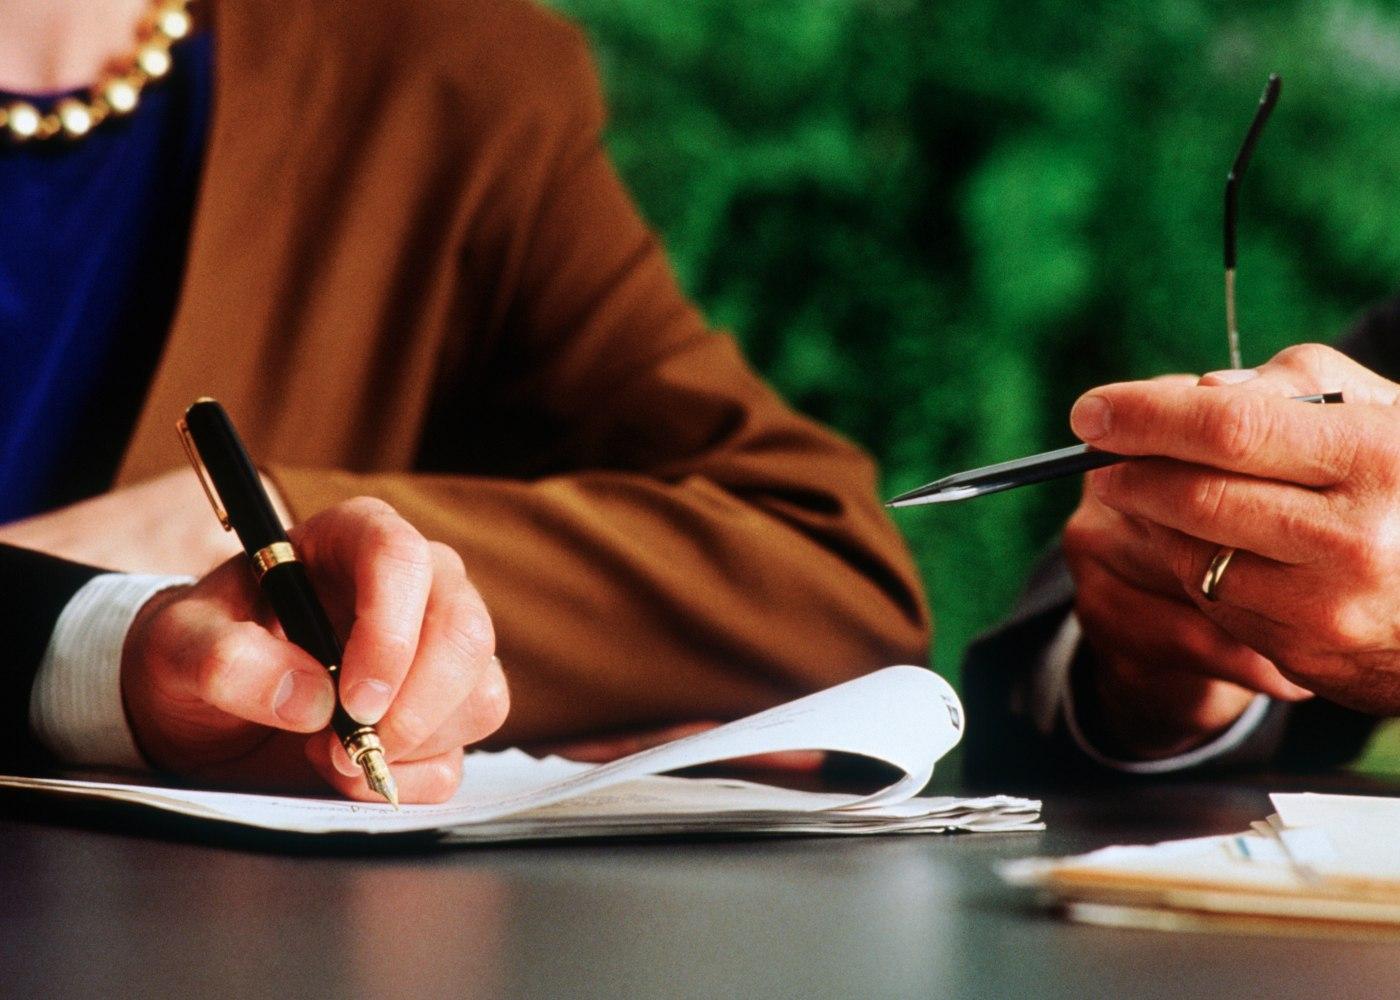 trabalhador e empregador a assinar papéis de layoff